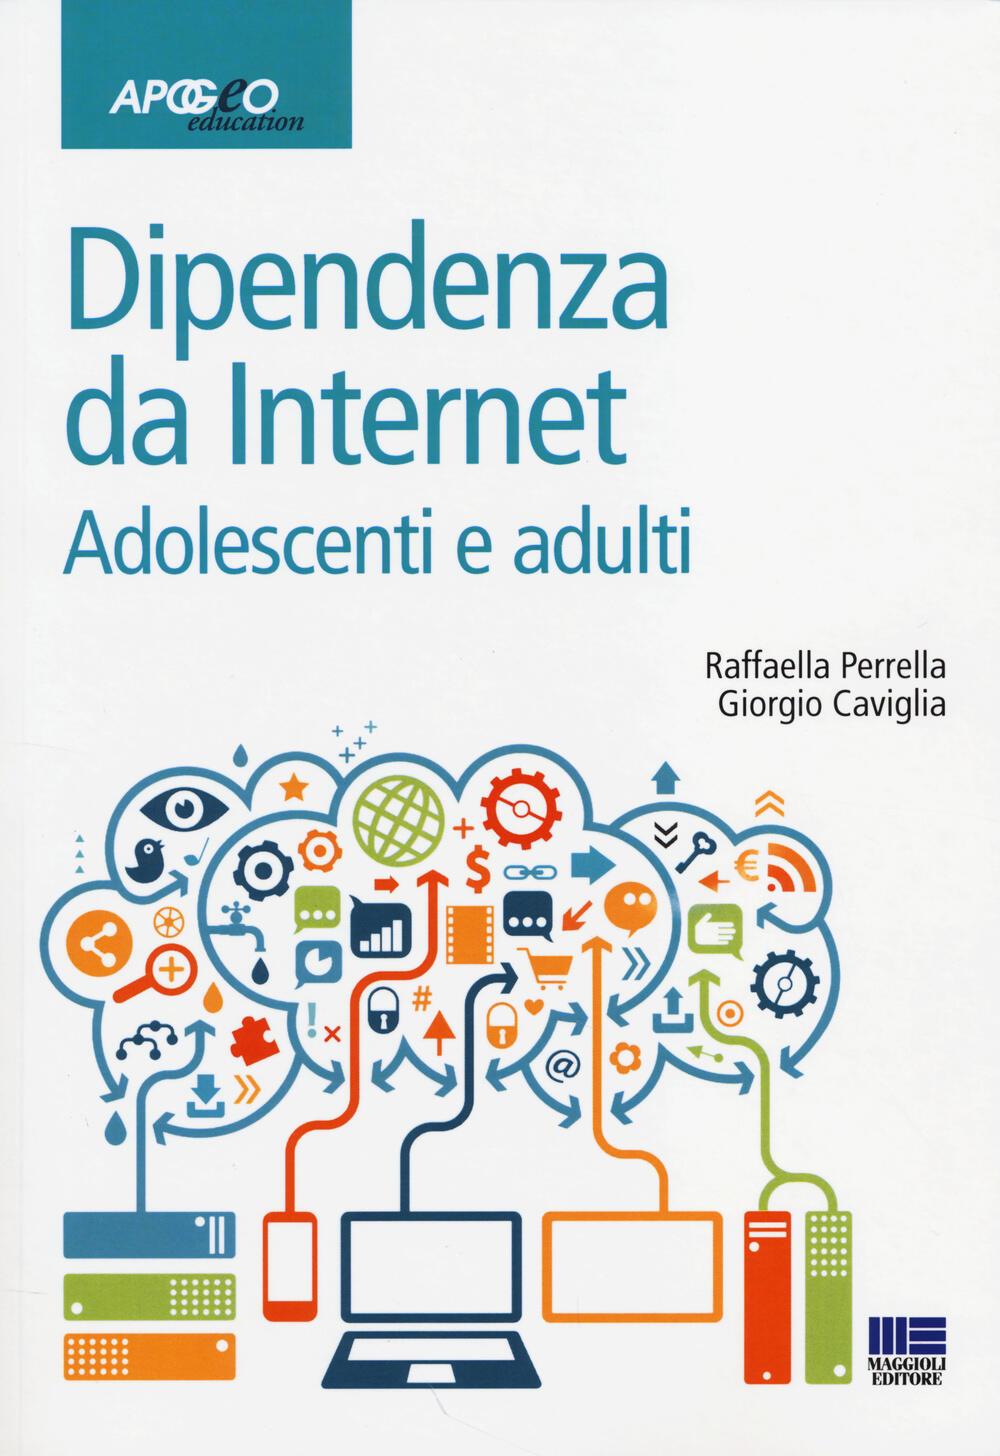 Dipendenze da internet adolescenti e adulti raffaella for Libri internet